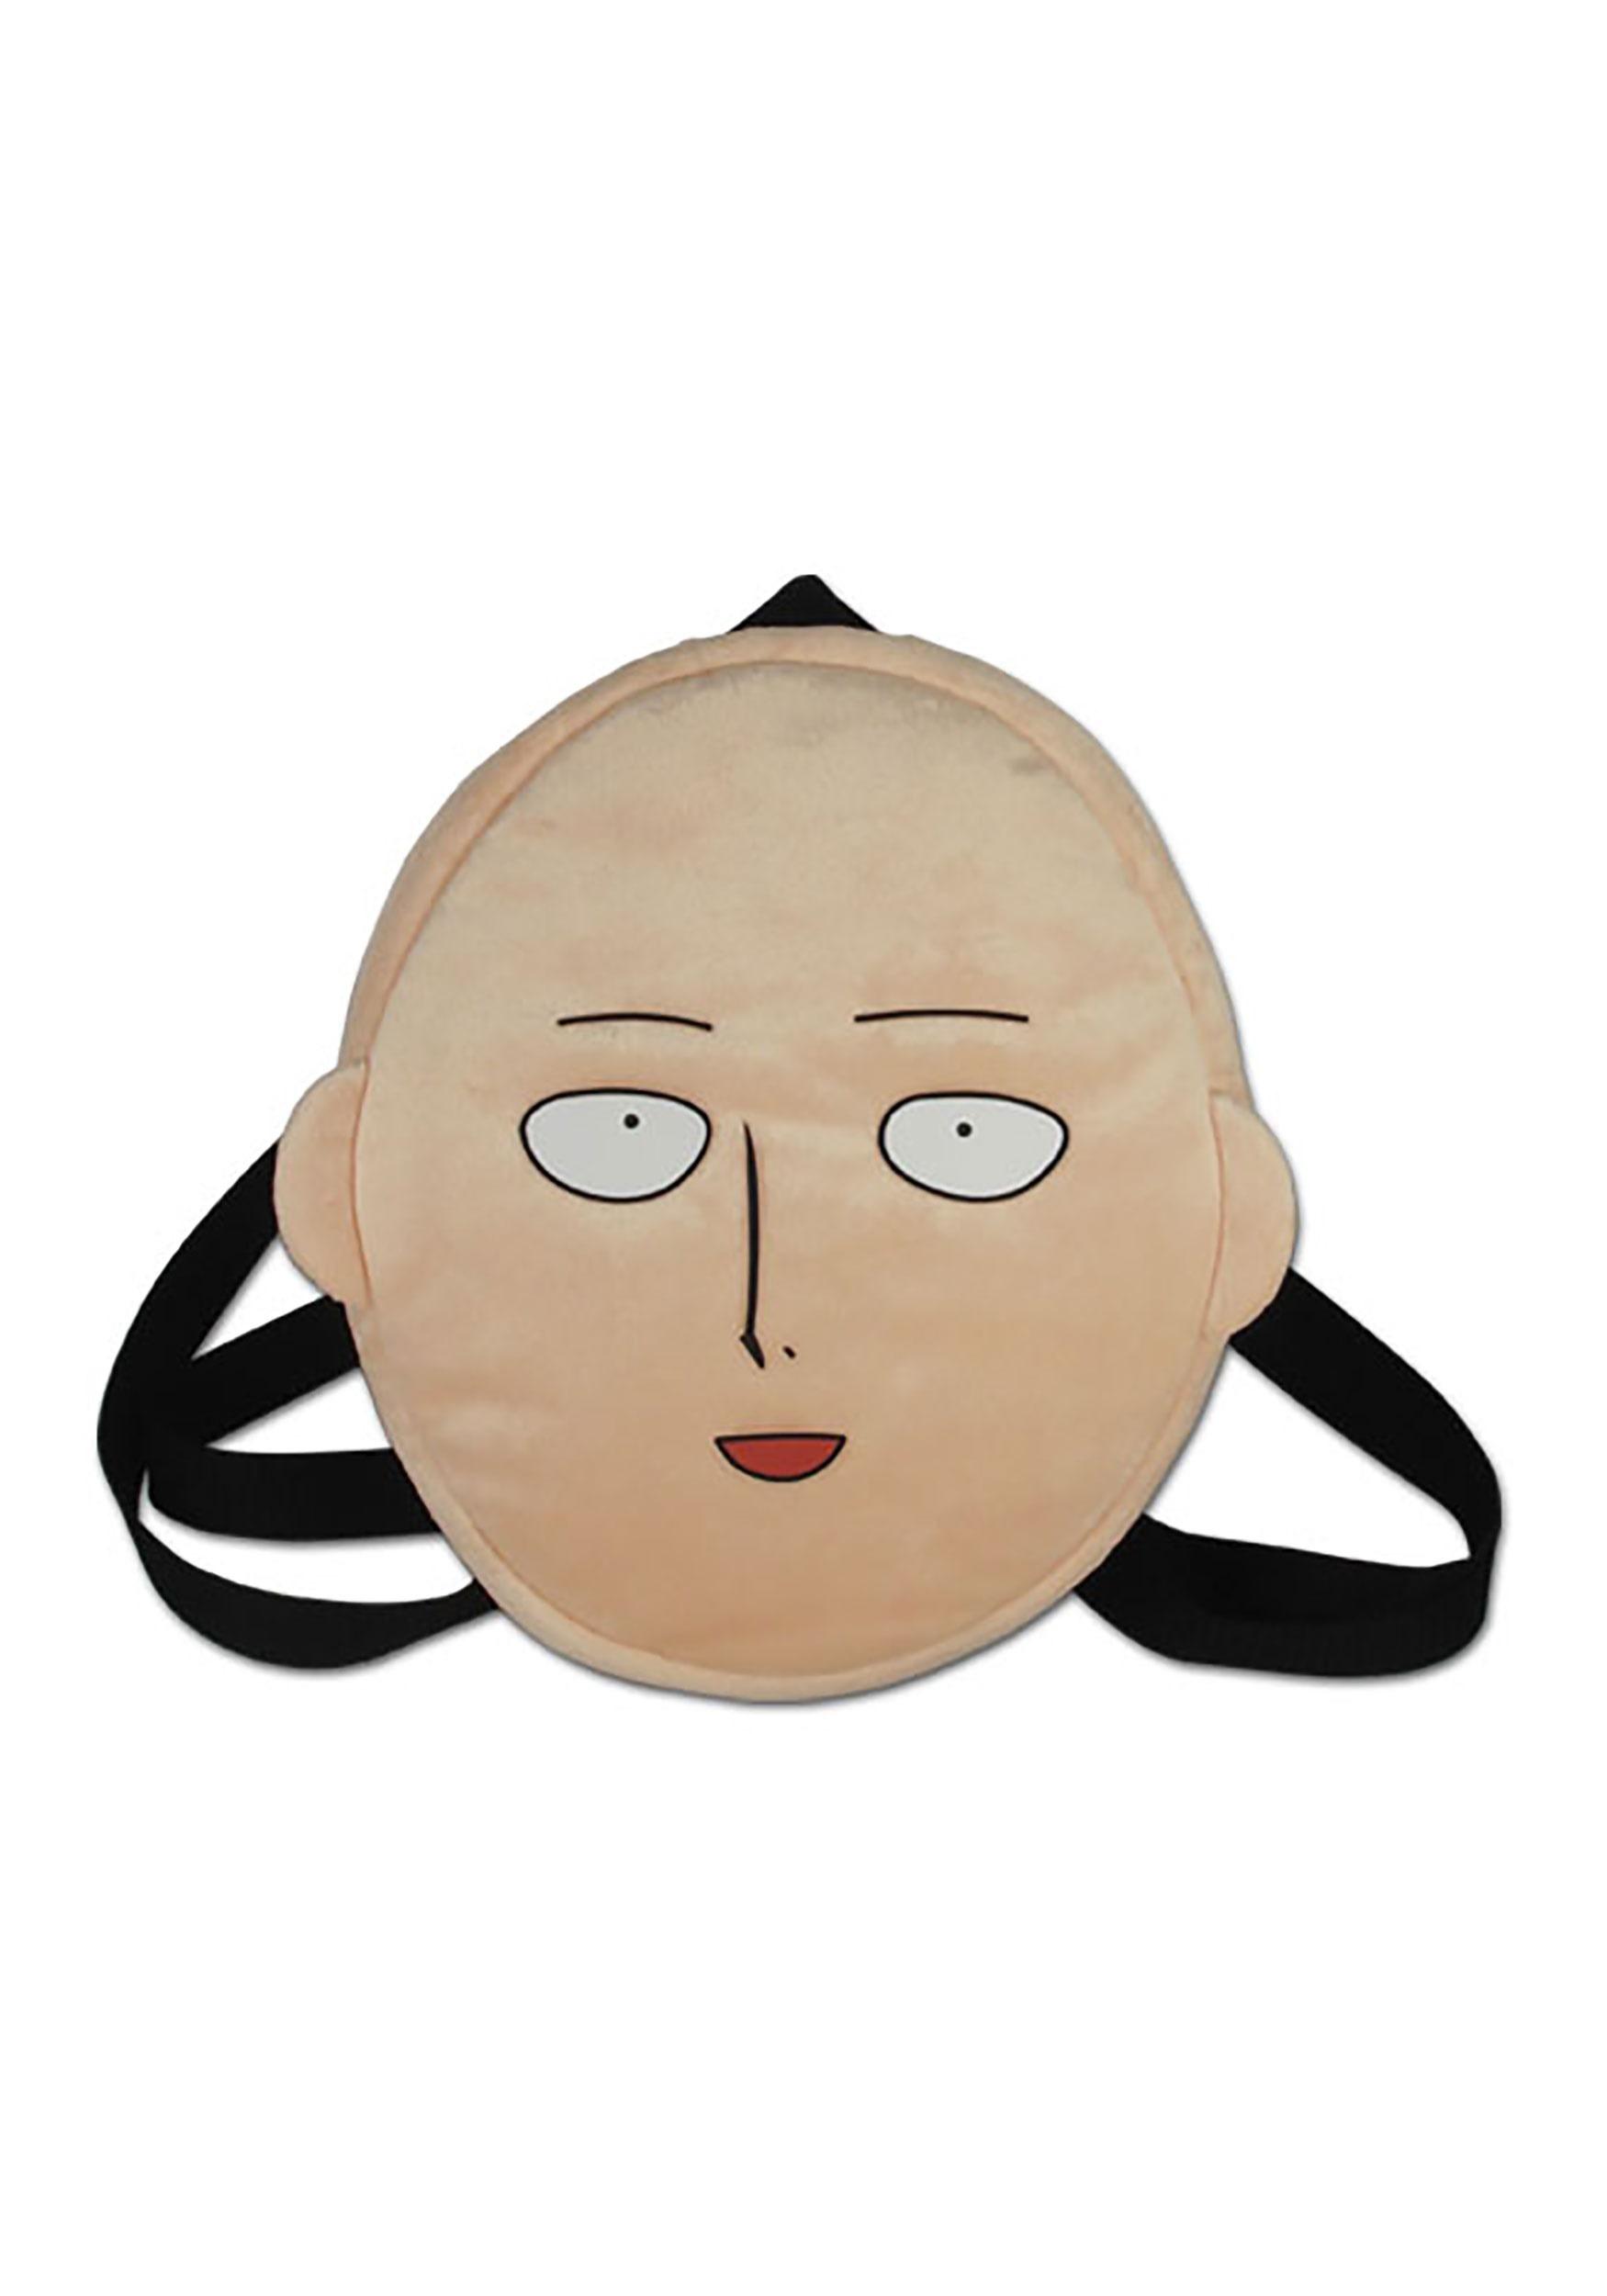 Saitama Face One Punch Man Plush Bag